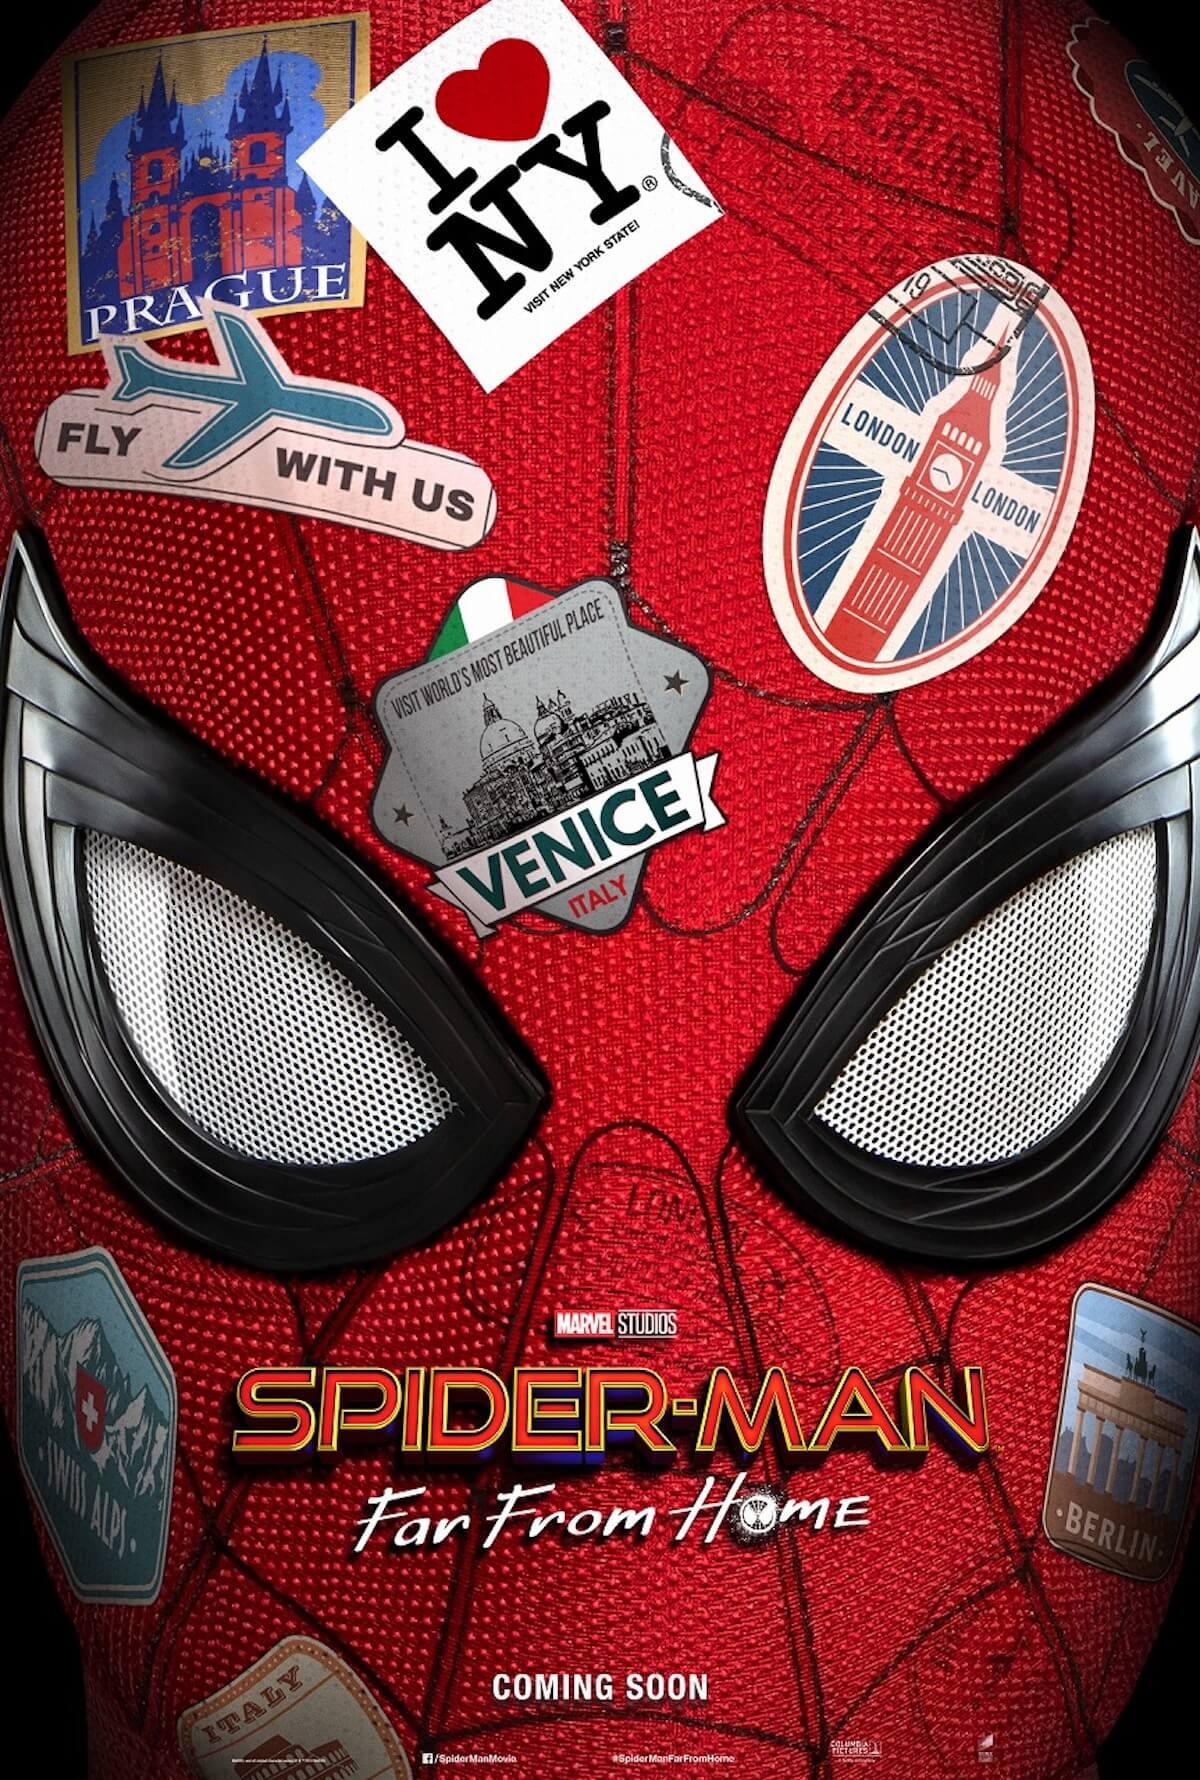 ニック・フューリーが参戦!『スパイダーマン:ファー・フロム・ホーム』予告編が公開に! film190116-spiderman-movie-2